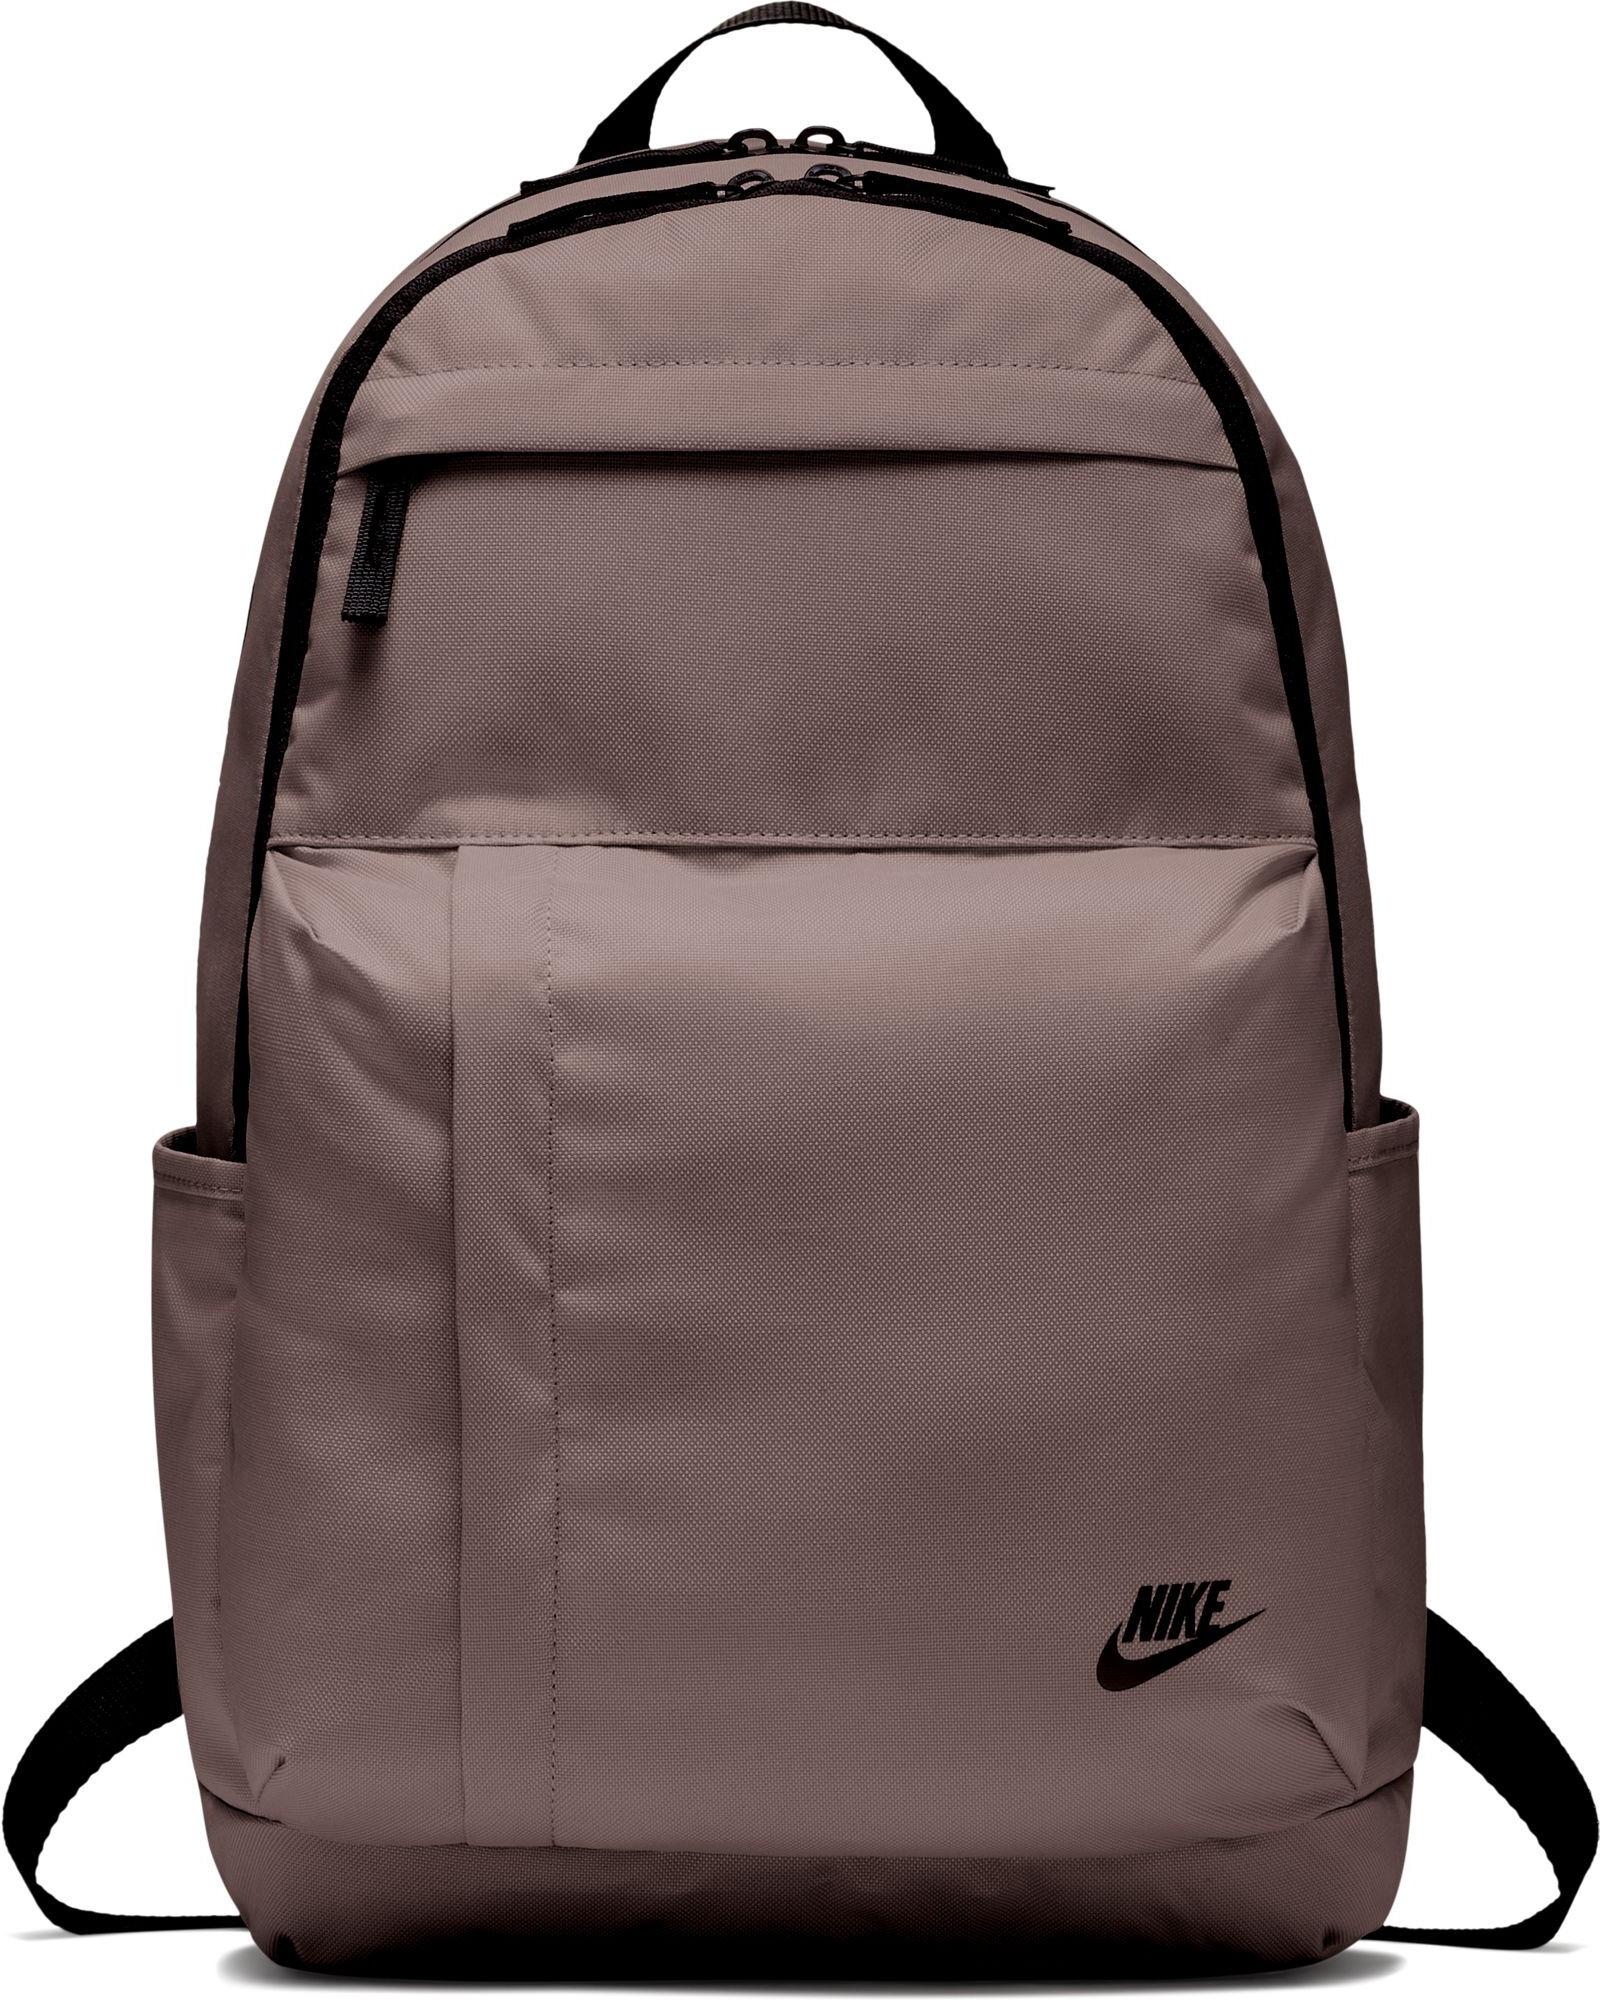 Mochila Lbr Elmntl Lbr Mochila Bkpk Bkpk Elmntl Mochila Nike Nike Bkpk Elmntl Nike r7rYq